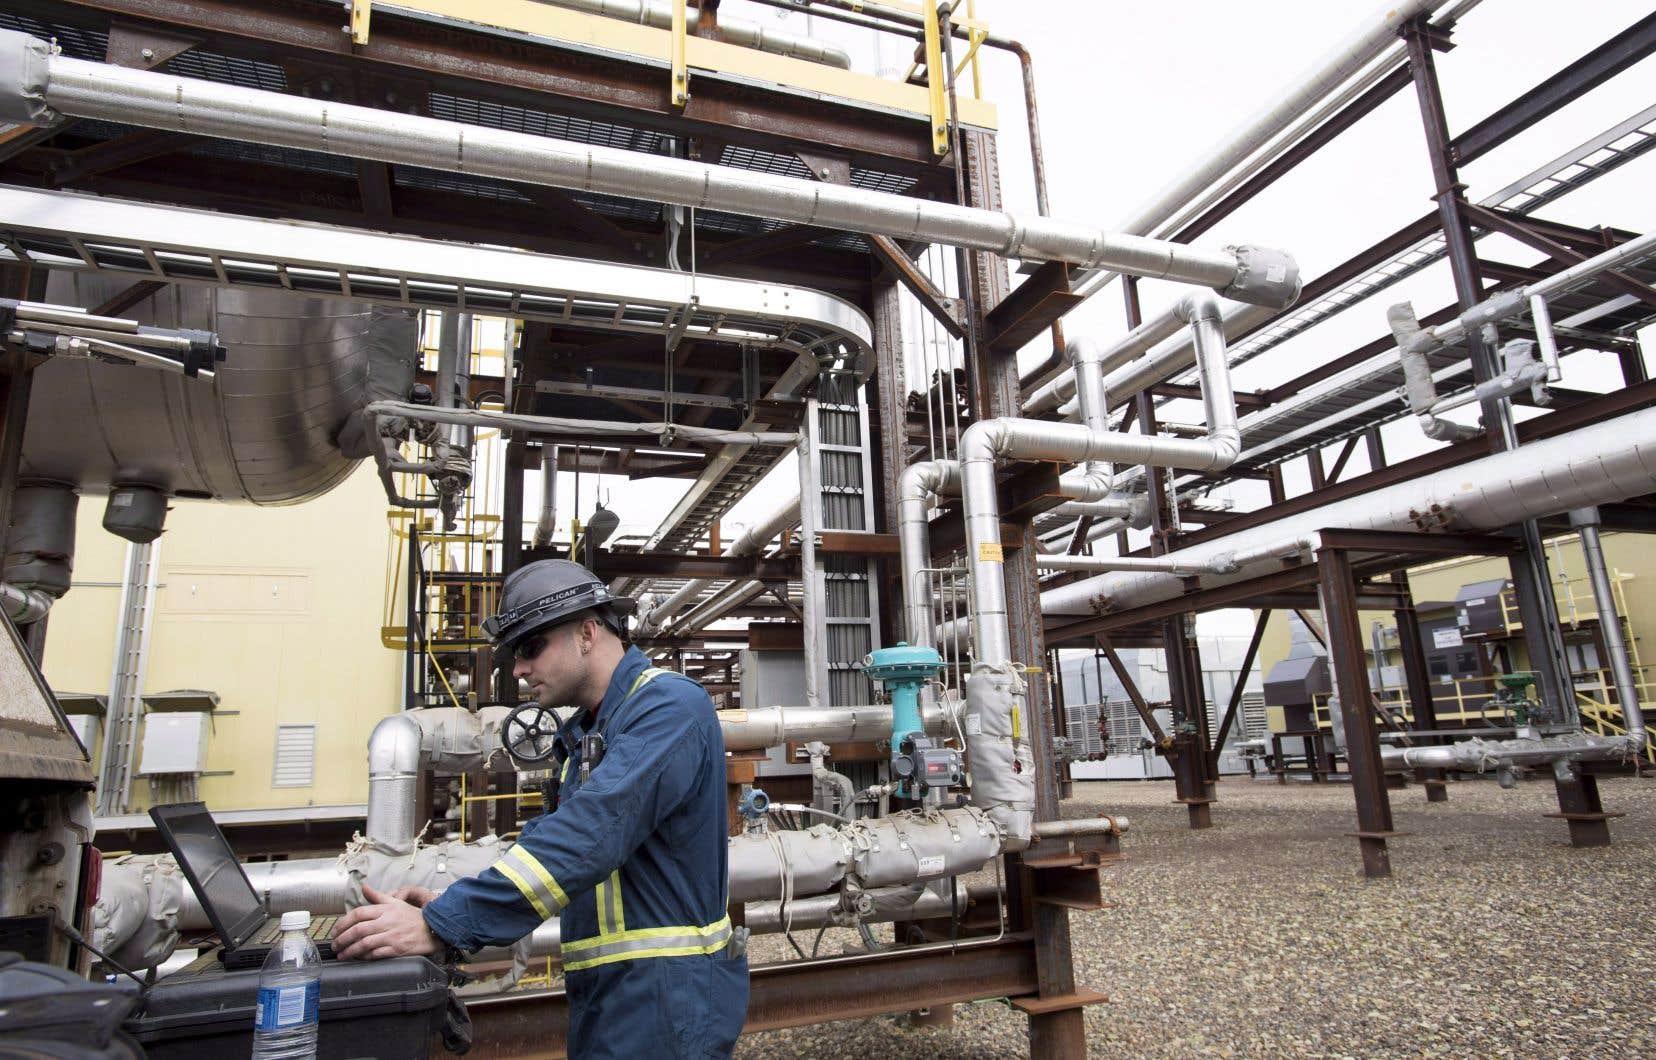 Le projet de Coastal GasLink, auquel des chefs traditionnels wet'suwet'en s'opposent, est le principal corridor d'exportation envisagé vers l'océan Pacifique pour le gaz naturel exploité dans le Montney et les formations environnantes.